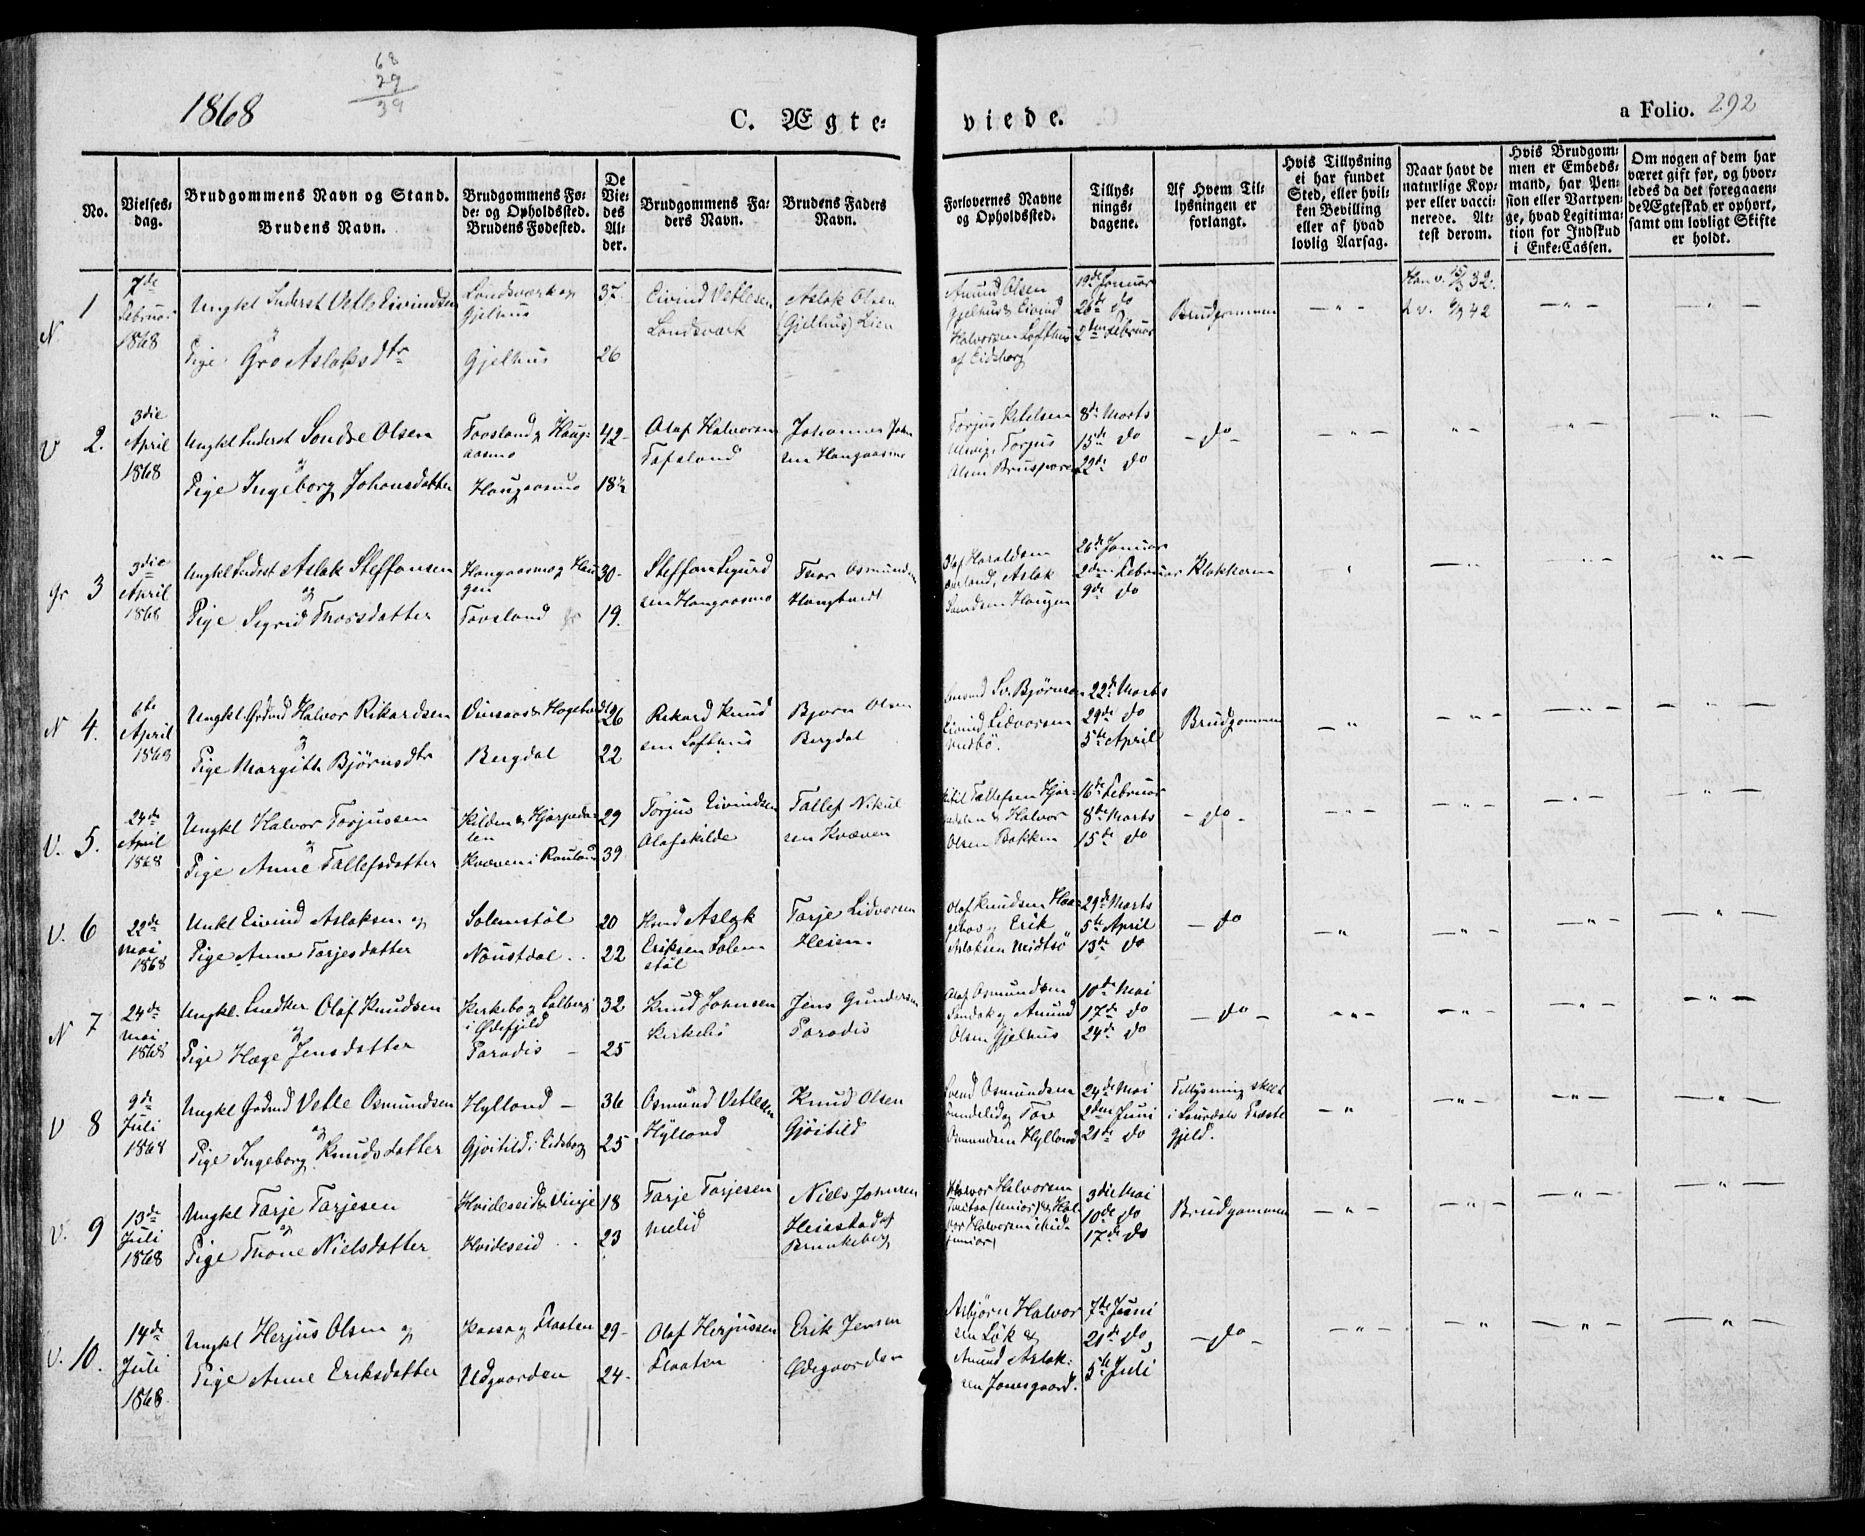 SAKO, Vinje kirkebøker, F/Fa/L0004: Ministerialbok nr. I 4, 1843-1869, s. 292